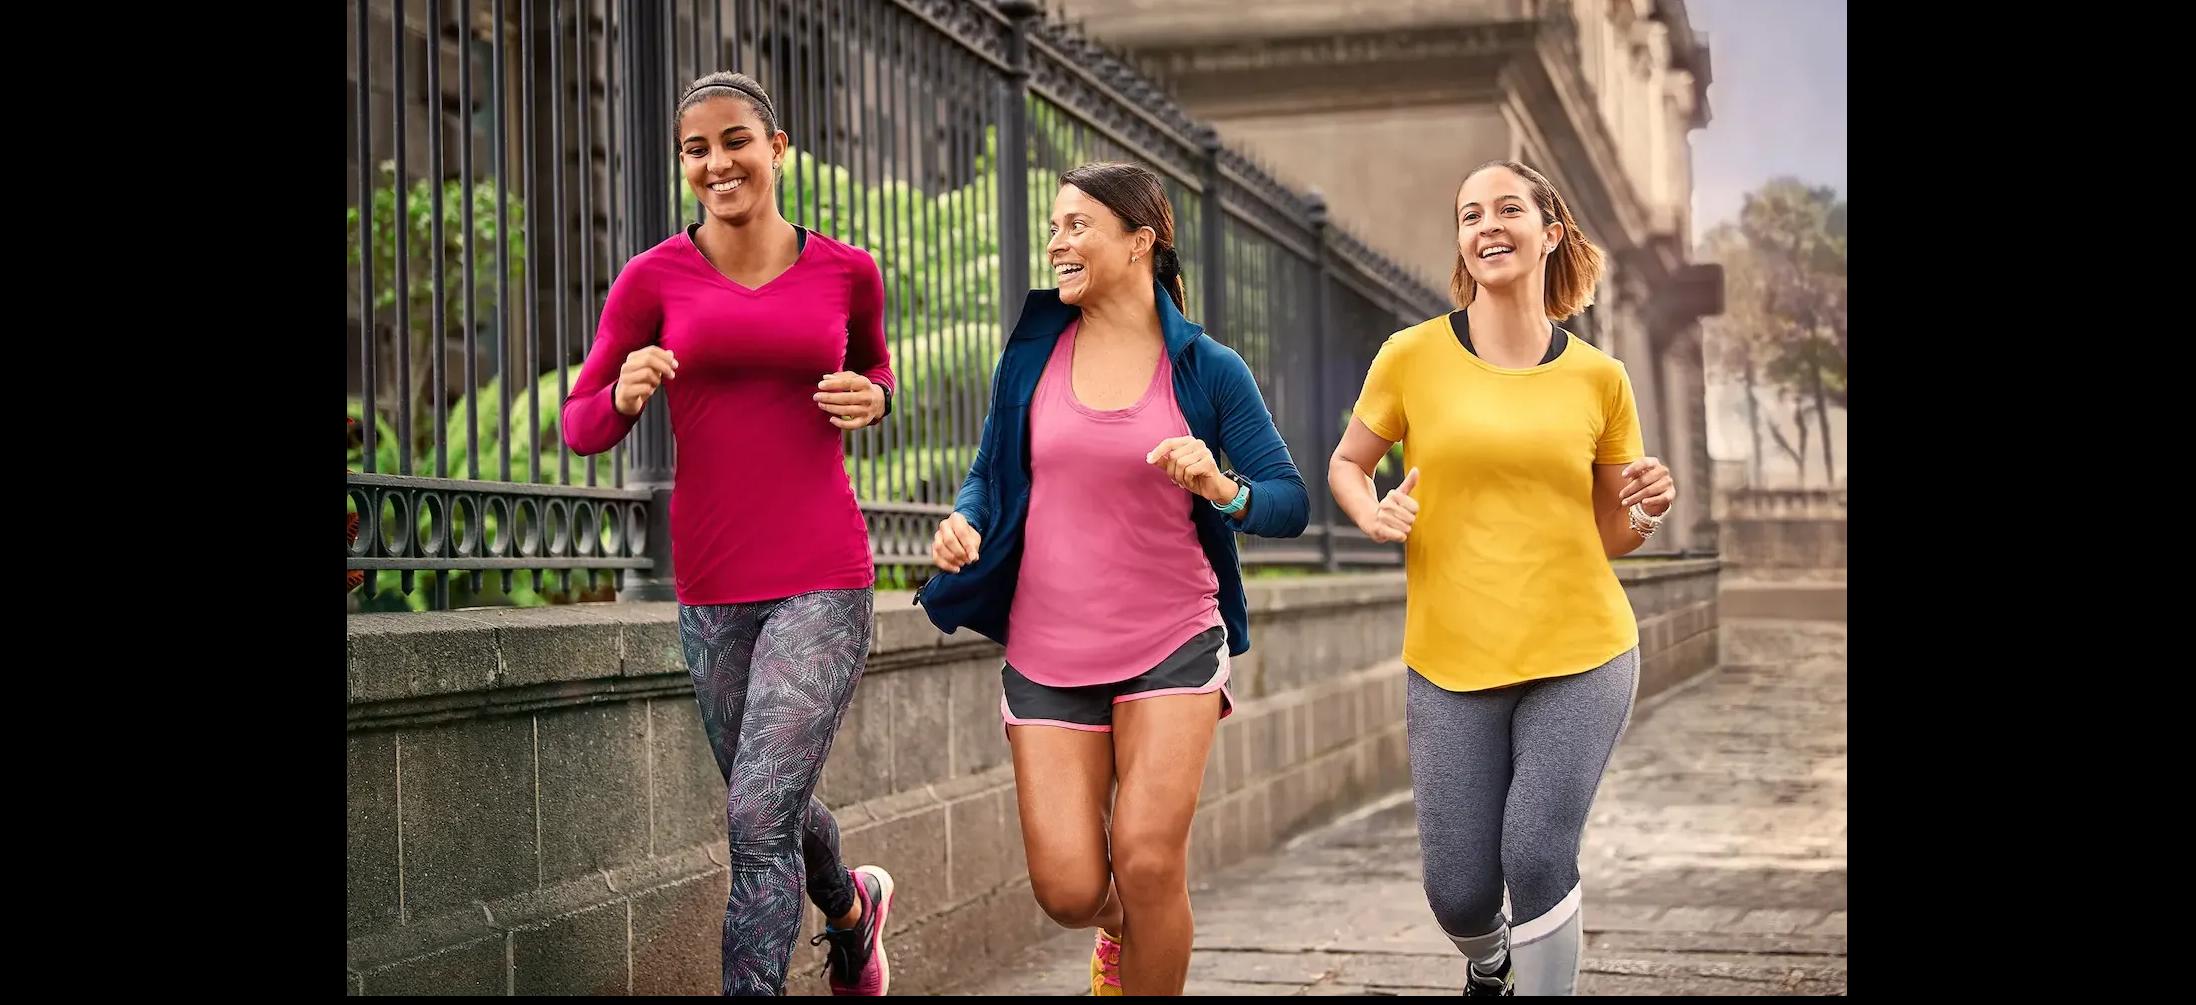 Three women with Garmin Forerunner running  watches running together